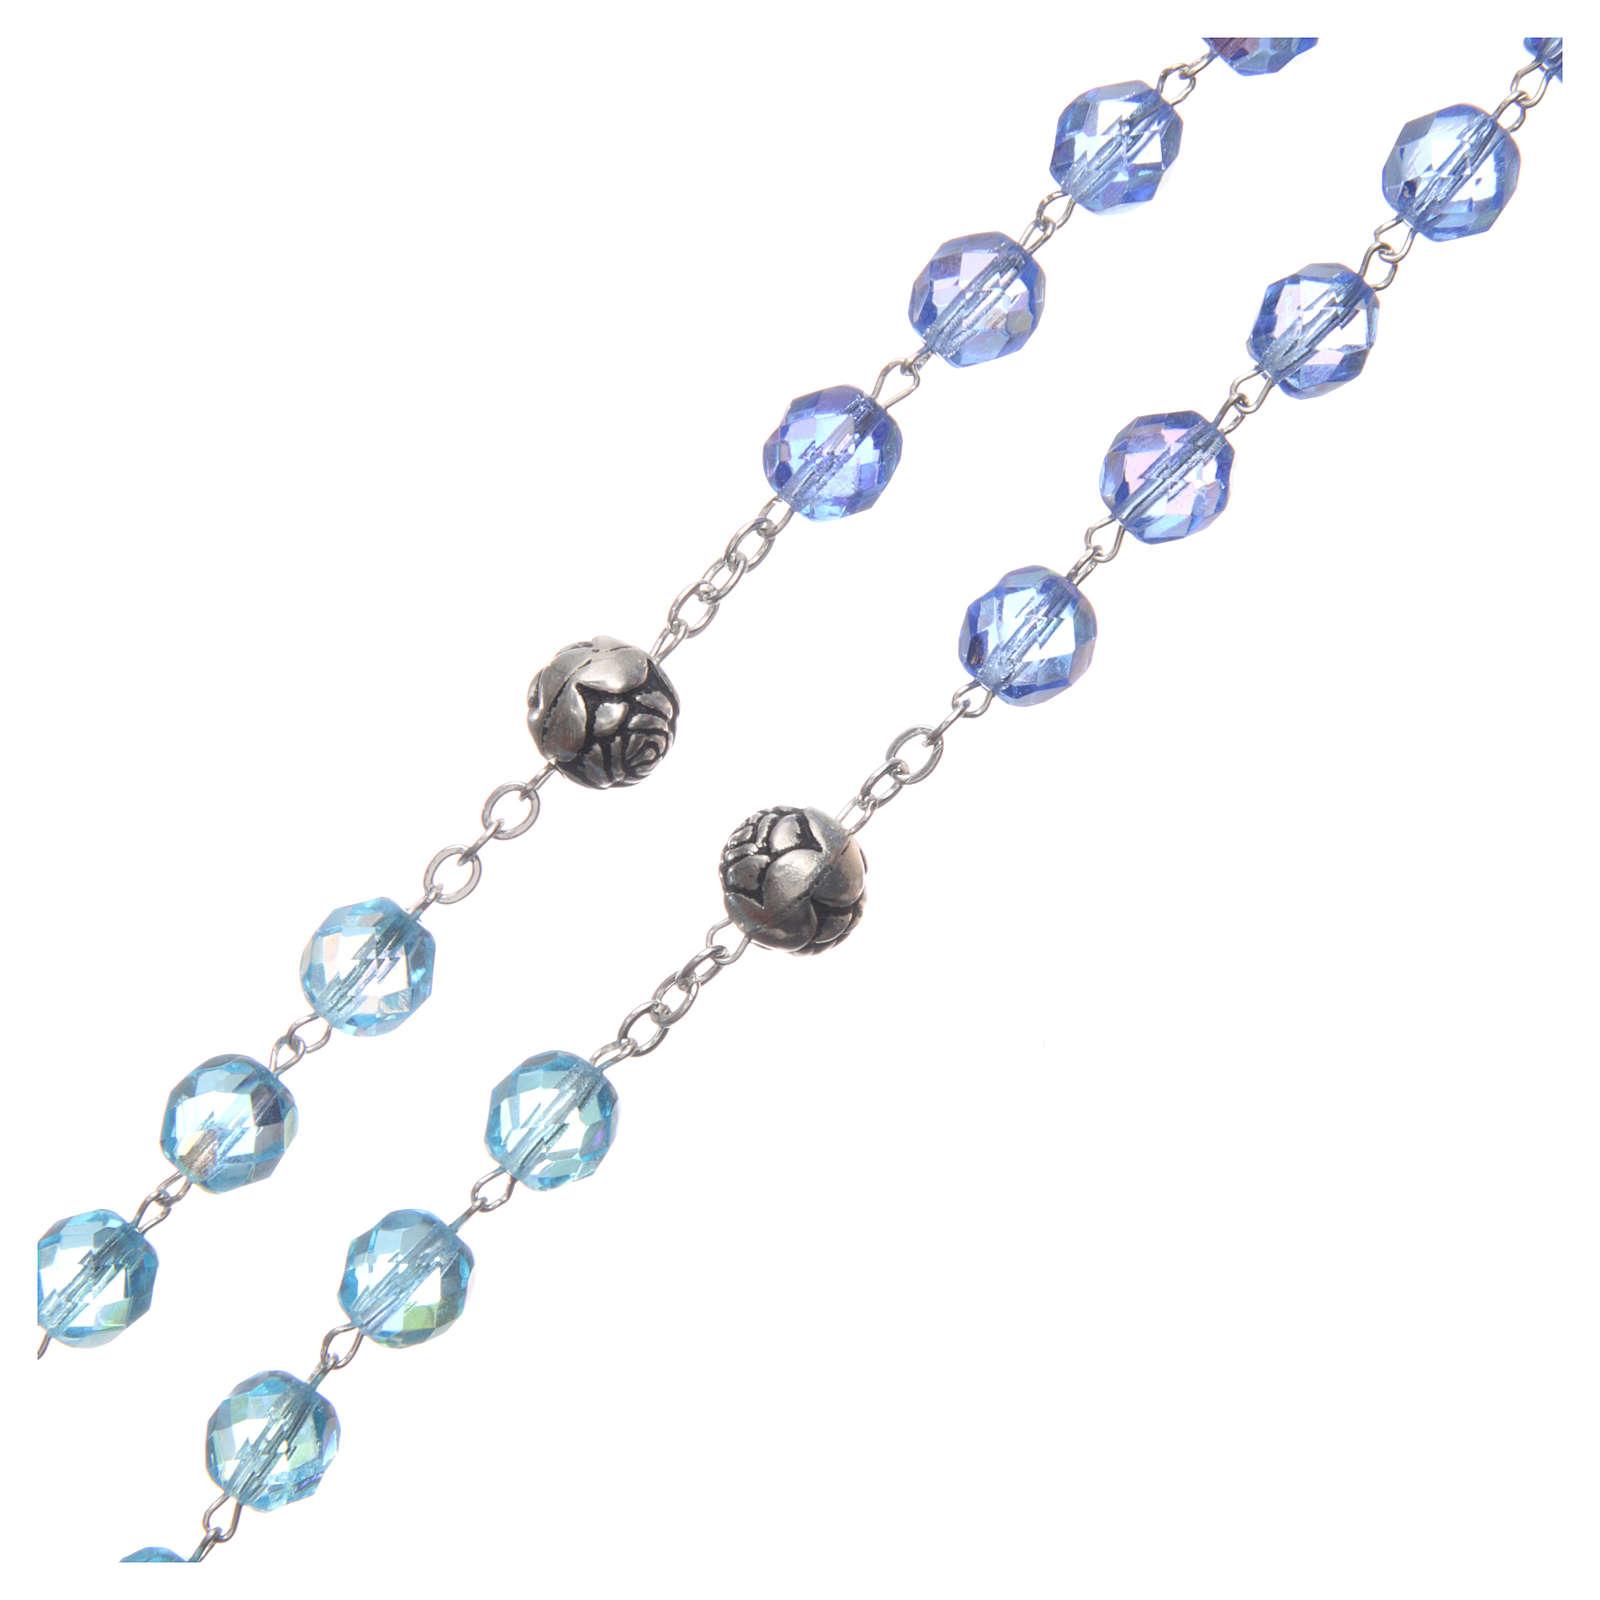 Chapelet cristal nuances bleu médaille parlante ESP 8 mm 4